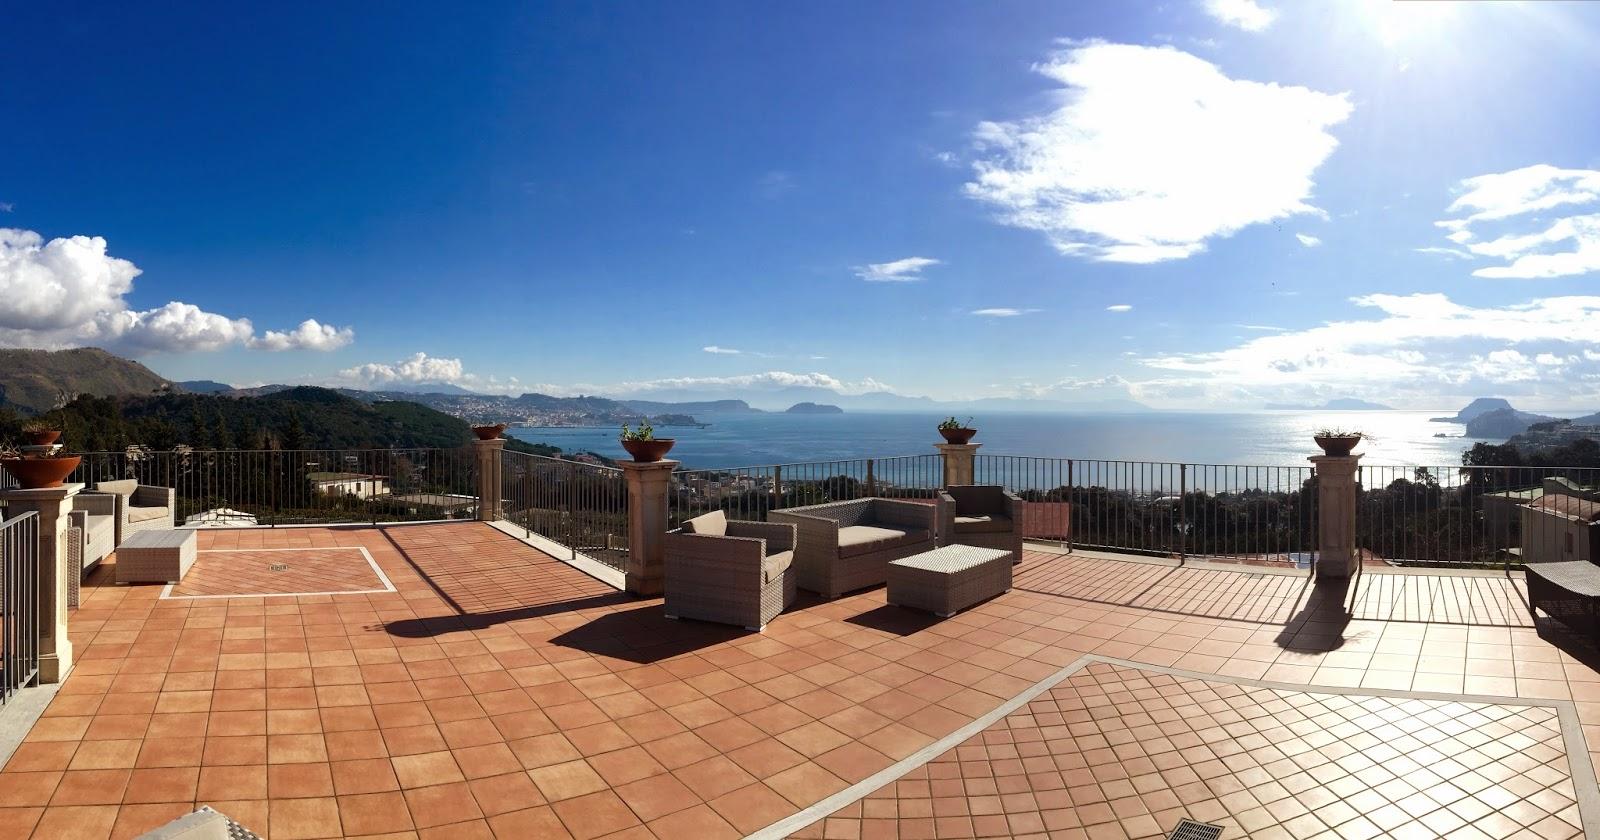 Location Per Matrimoni Con Terrazza Panoramica su Napoli. Villa ...